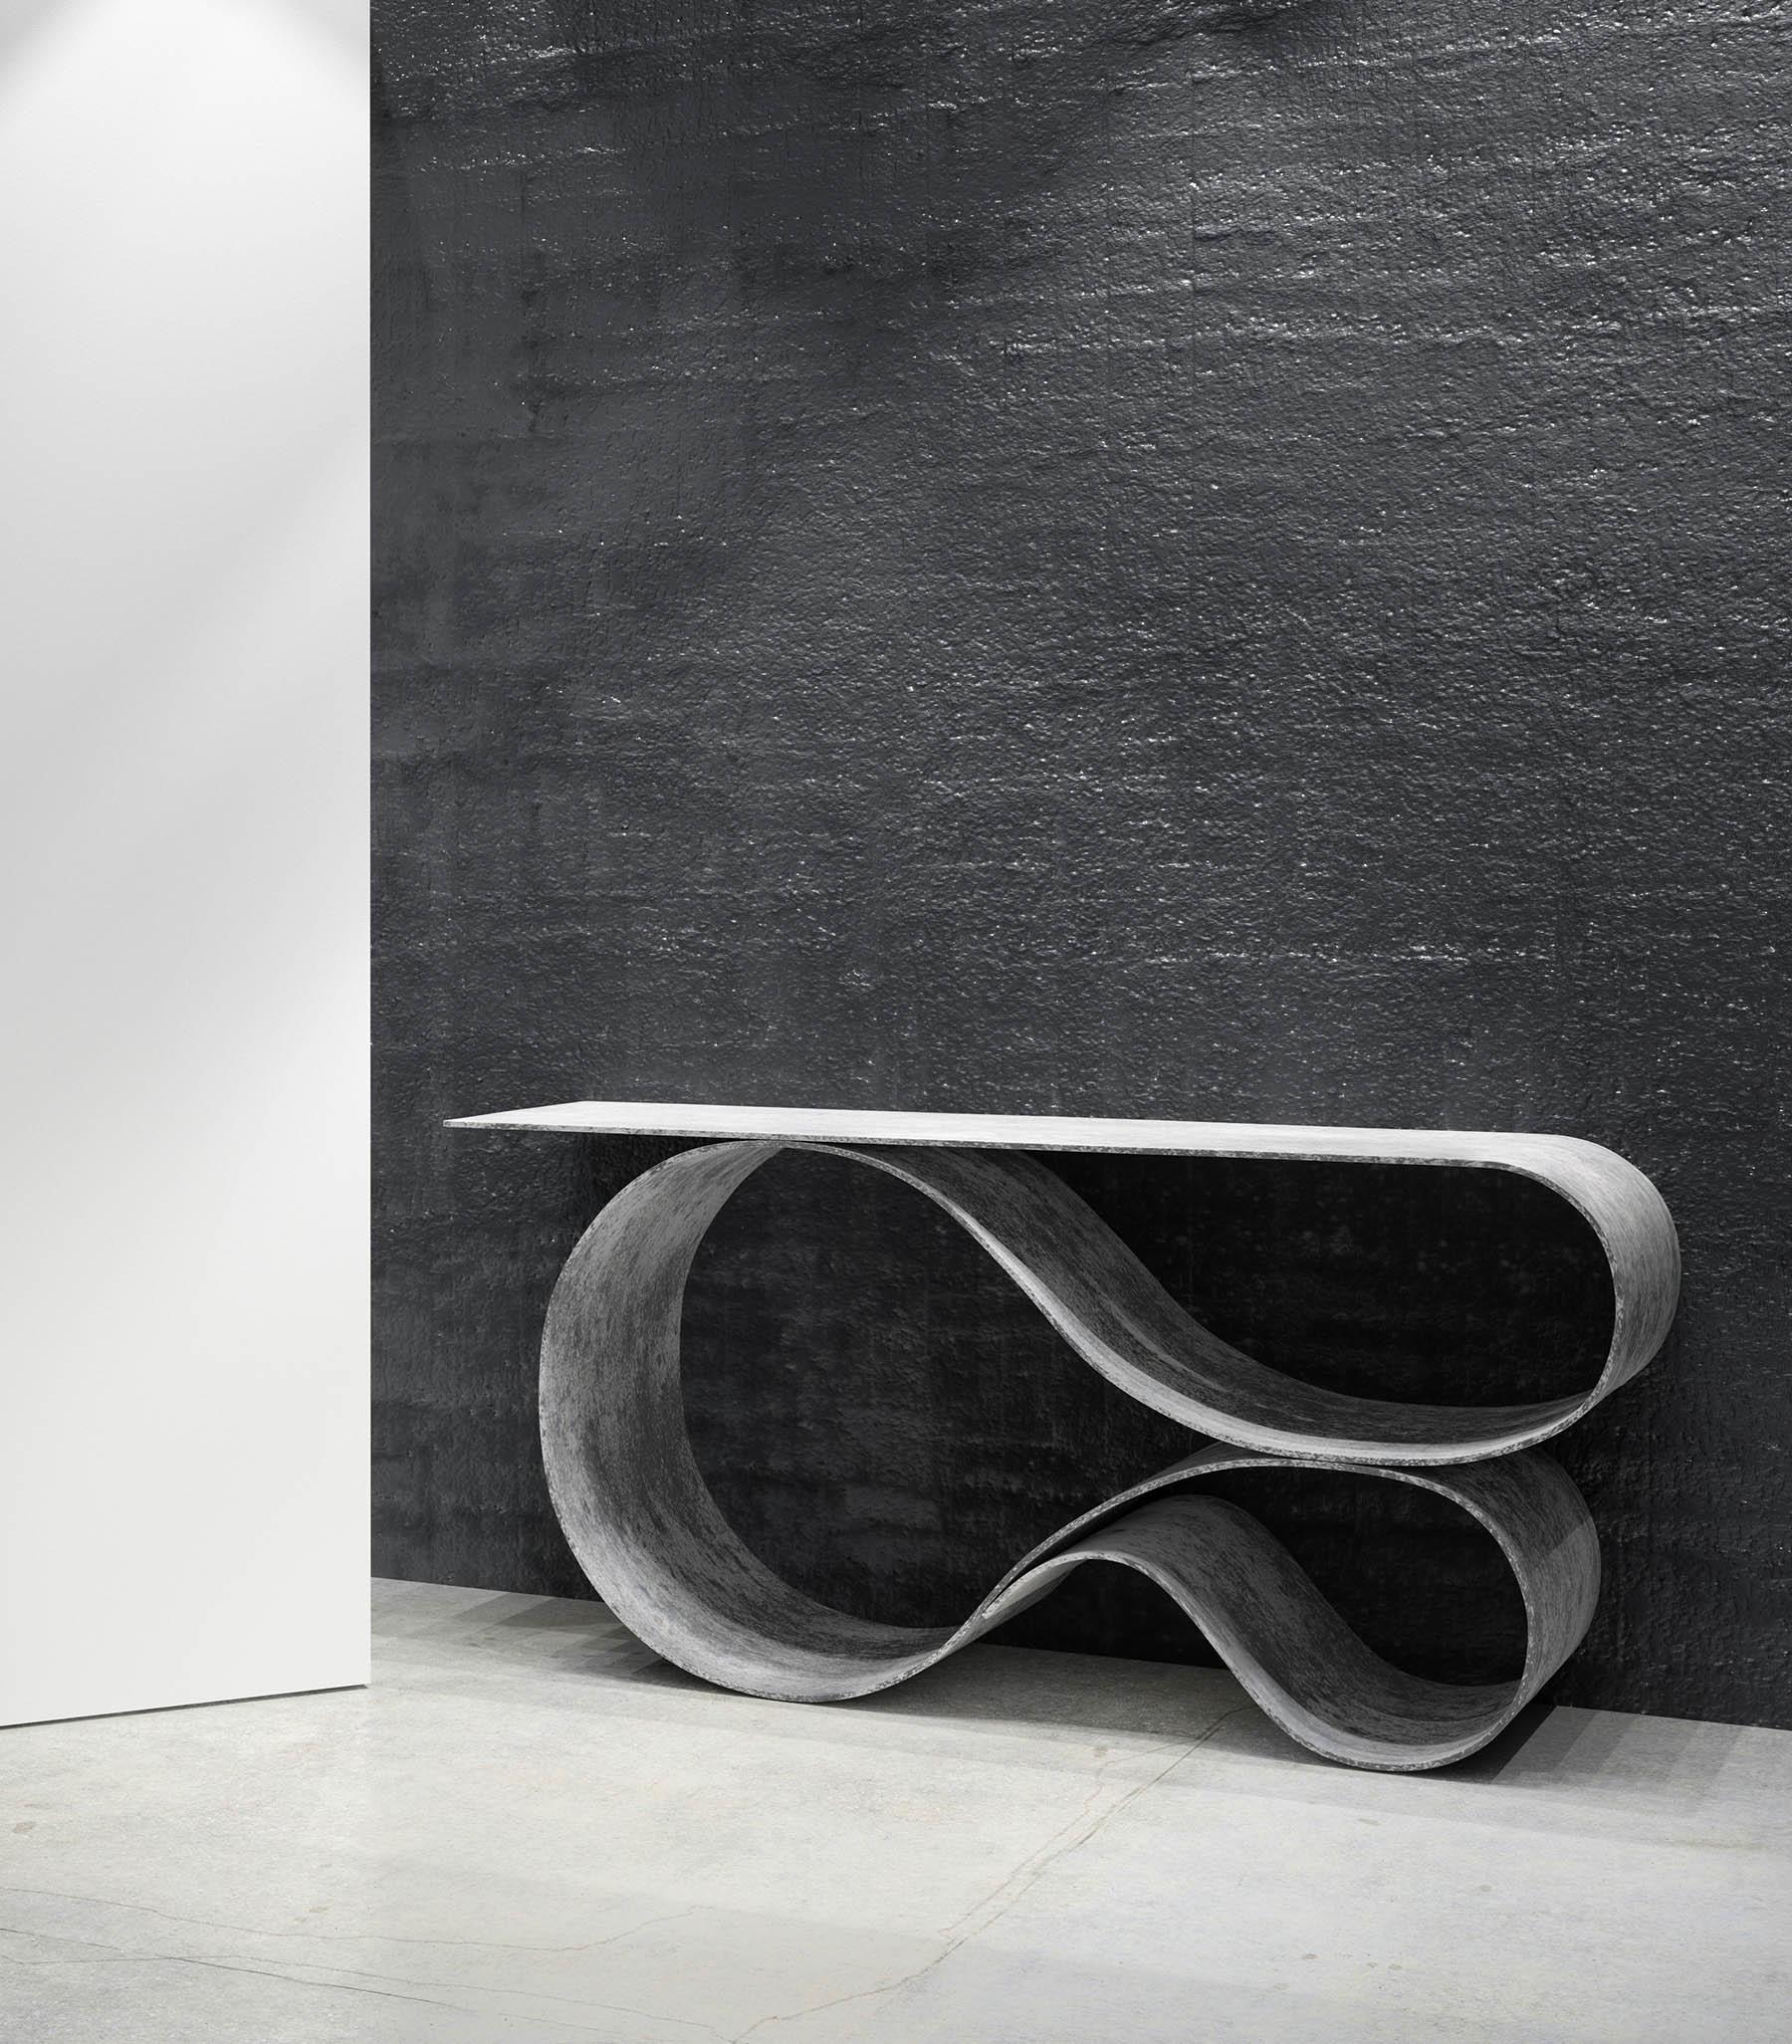 ignant-design-neal-aronowitz-concrete-canvas-series-09.jpg